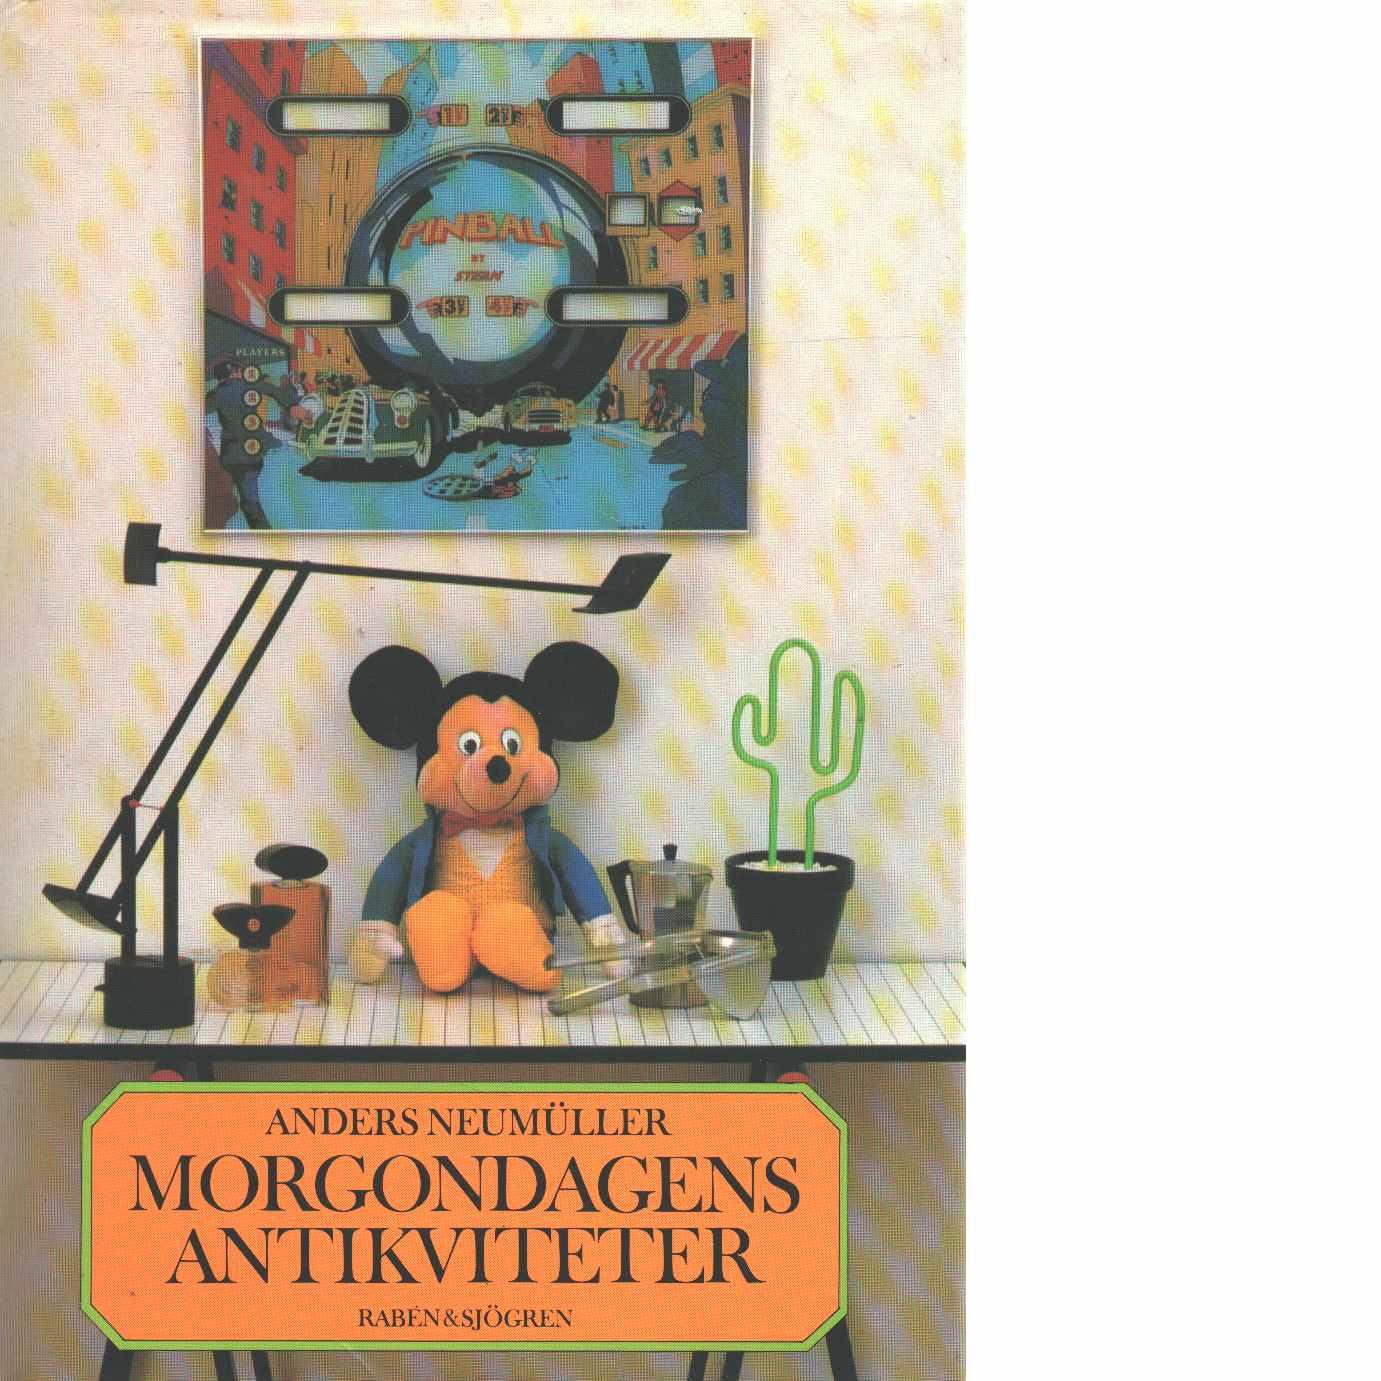 Morgondagens antikviteter - Neumüller, Anders